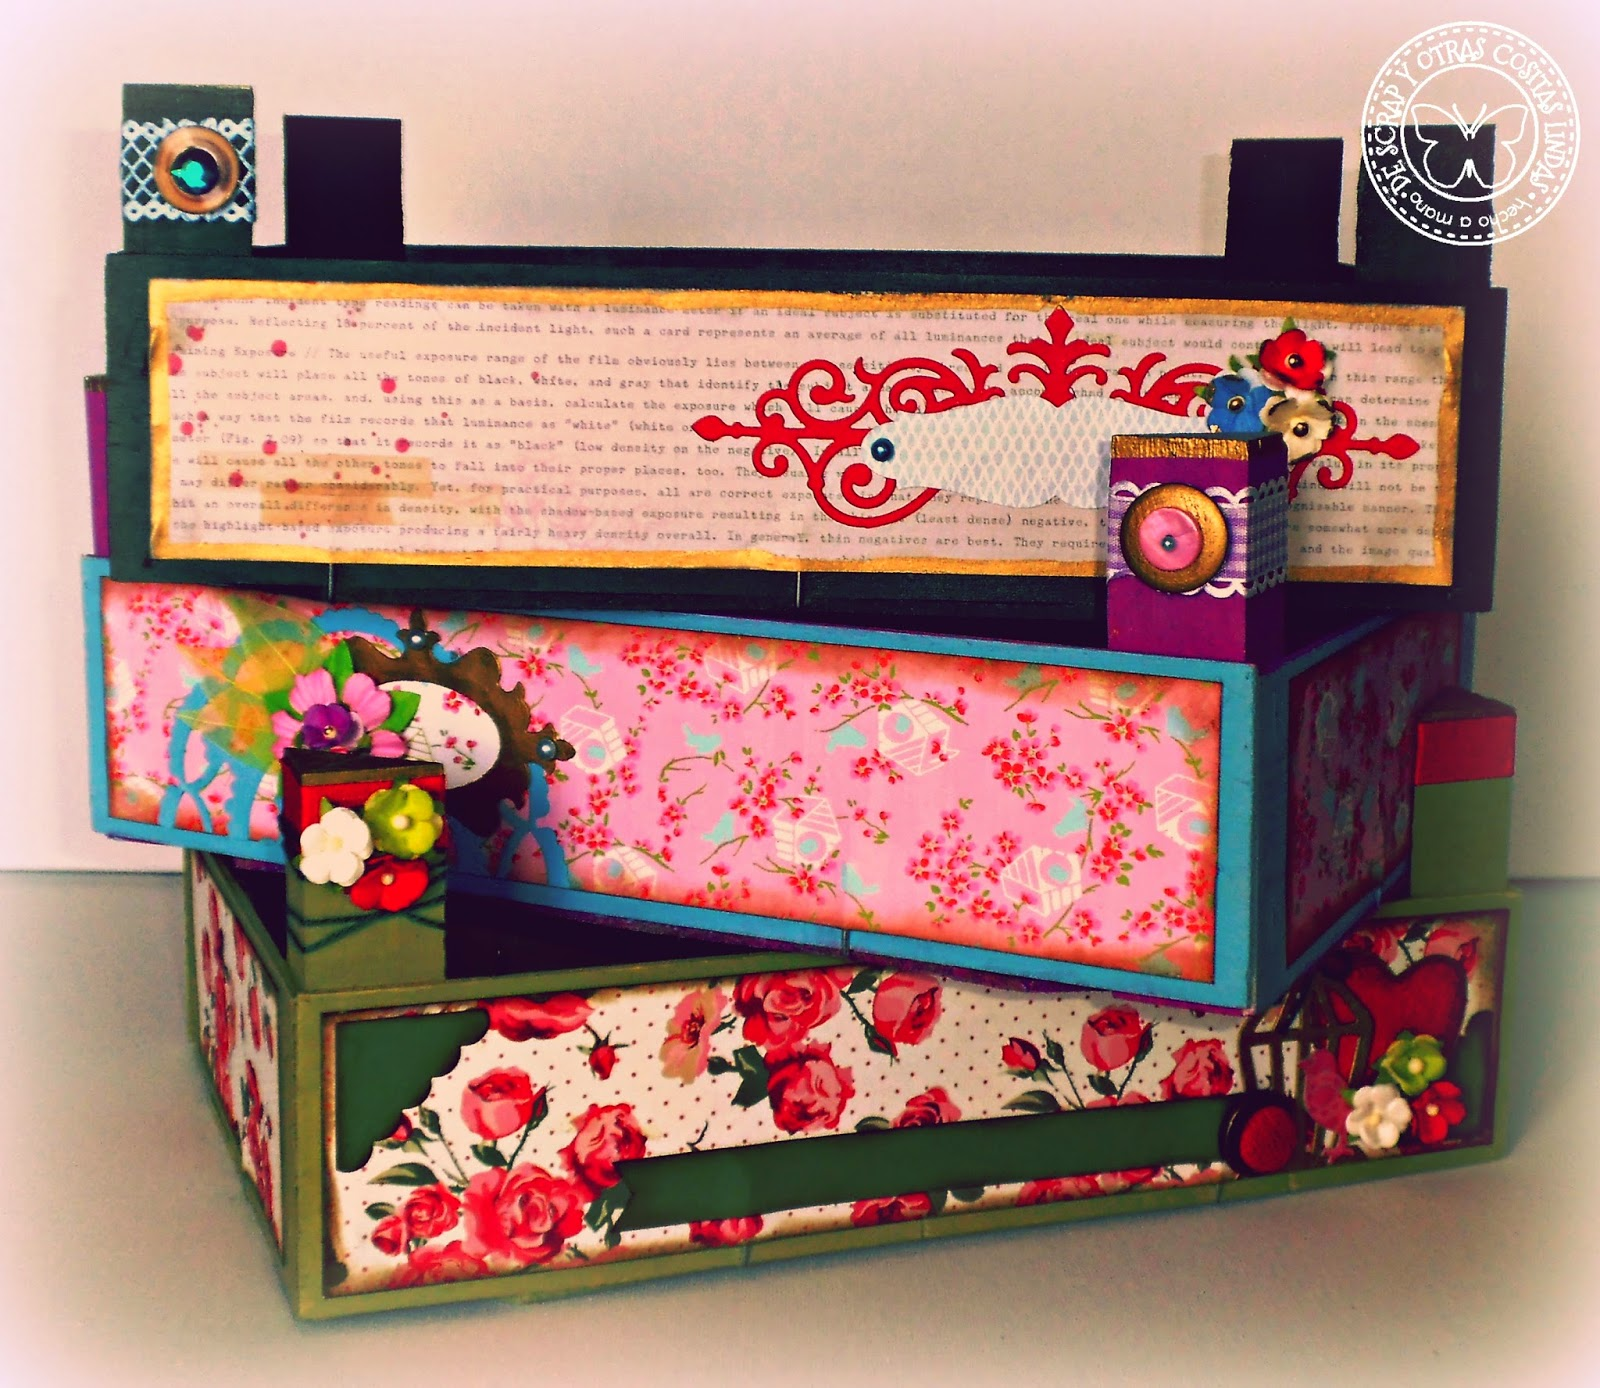 De scrap y otras cositas lindas m s cajas de fresas alteradas - Manualidades pintar caja metal ...